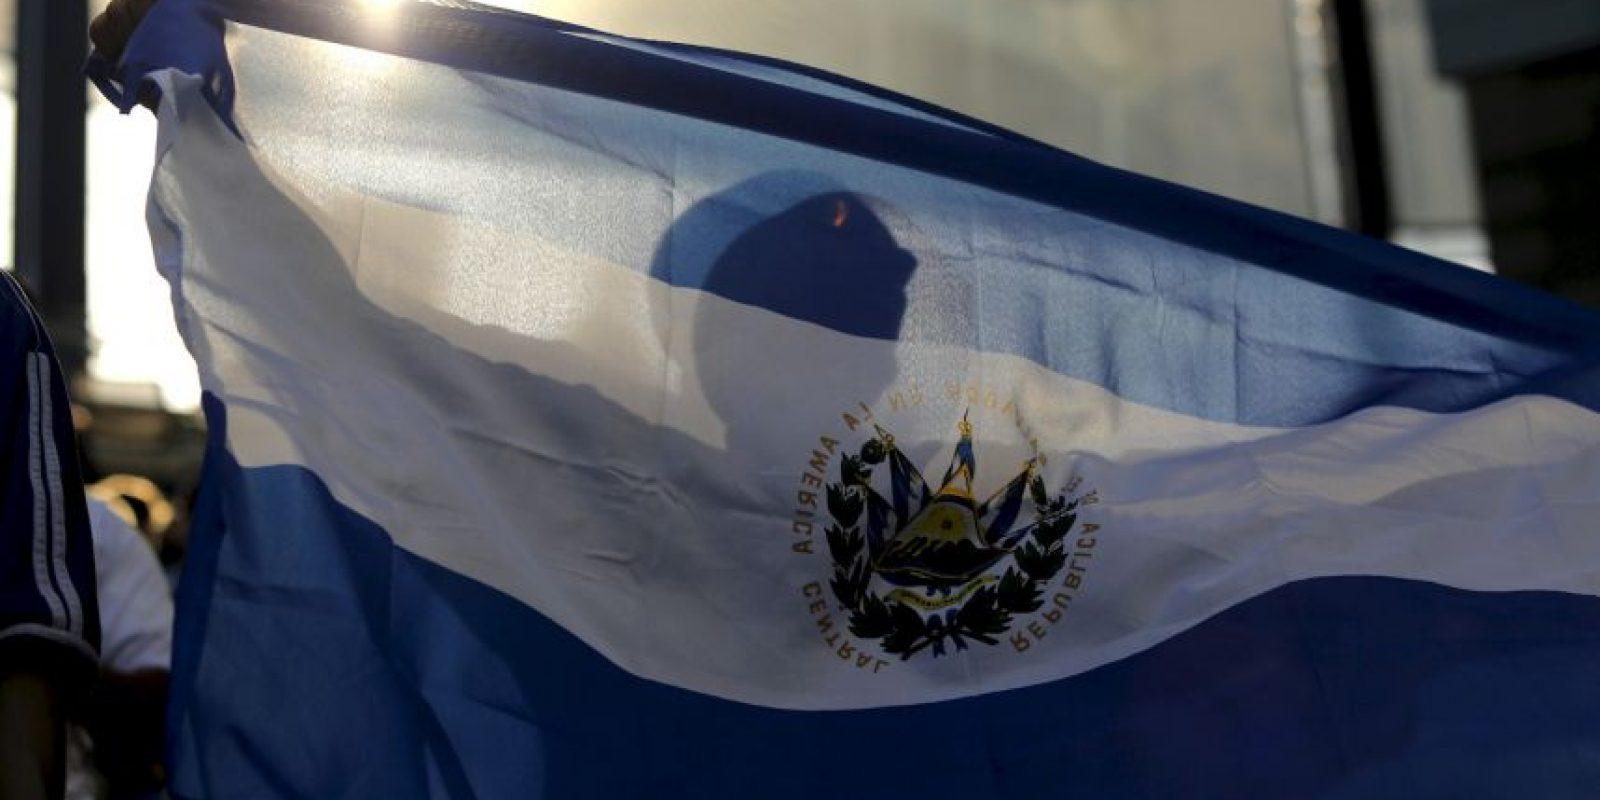 De acuerdo a Alberto Xicoténcatl, director de la Casa del Migrante en Saltillo, Coahuila, México, esta es la principal razón por la que miles de centroamericanos cruzan México con el fin de llegar a Estados Unidos Foto:Getty Images